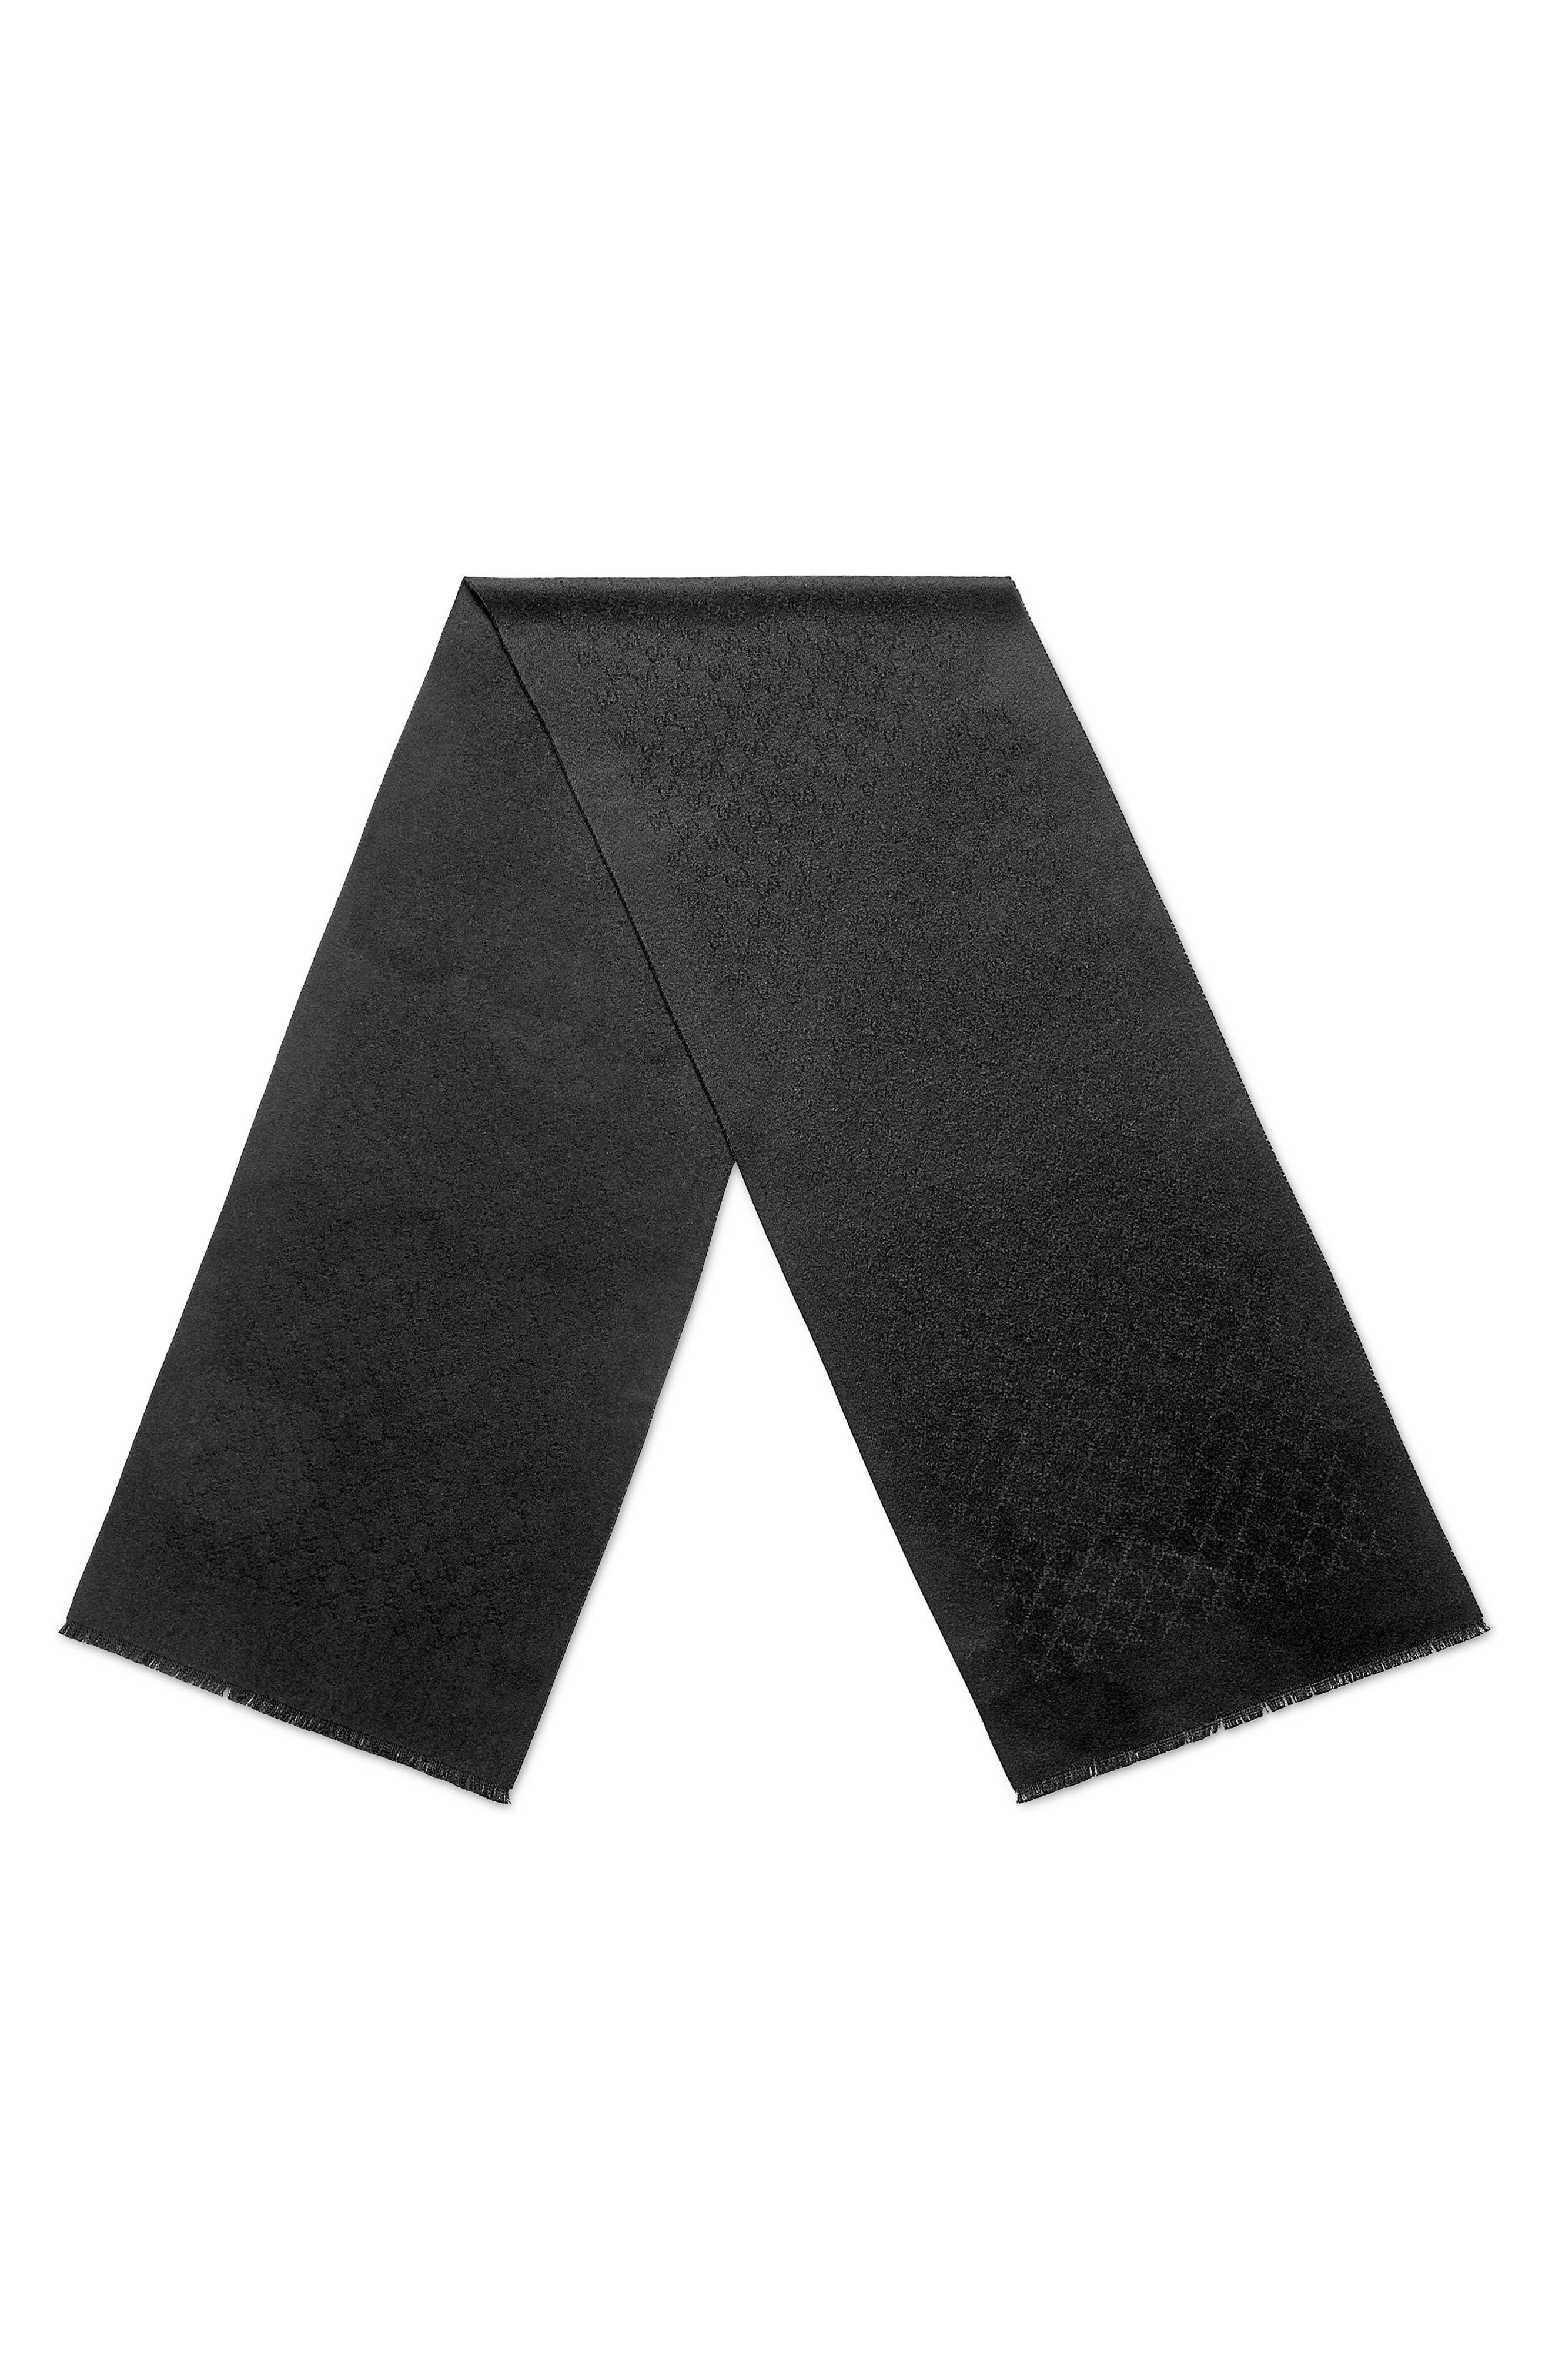 GG Gem Lux Jacquard Cashmere Scarf,                             Alternate thumbnail 2, color,                             1000 BLACK